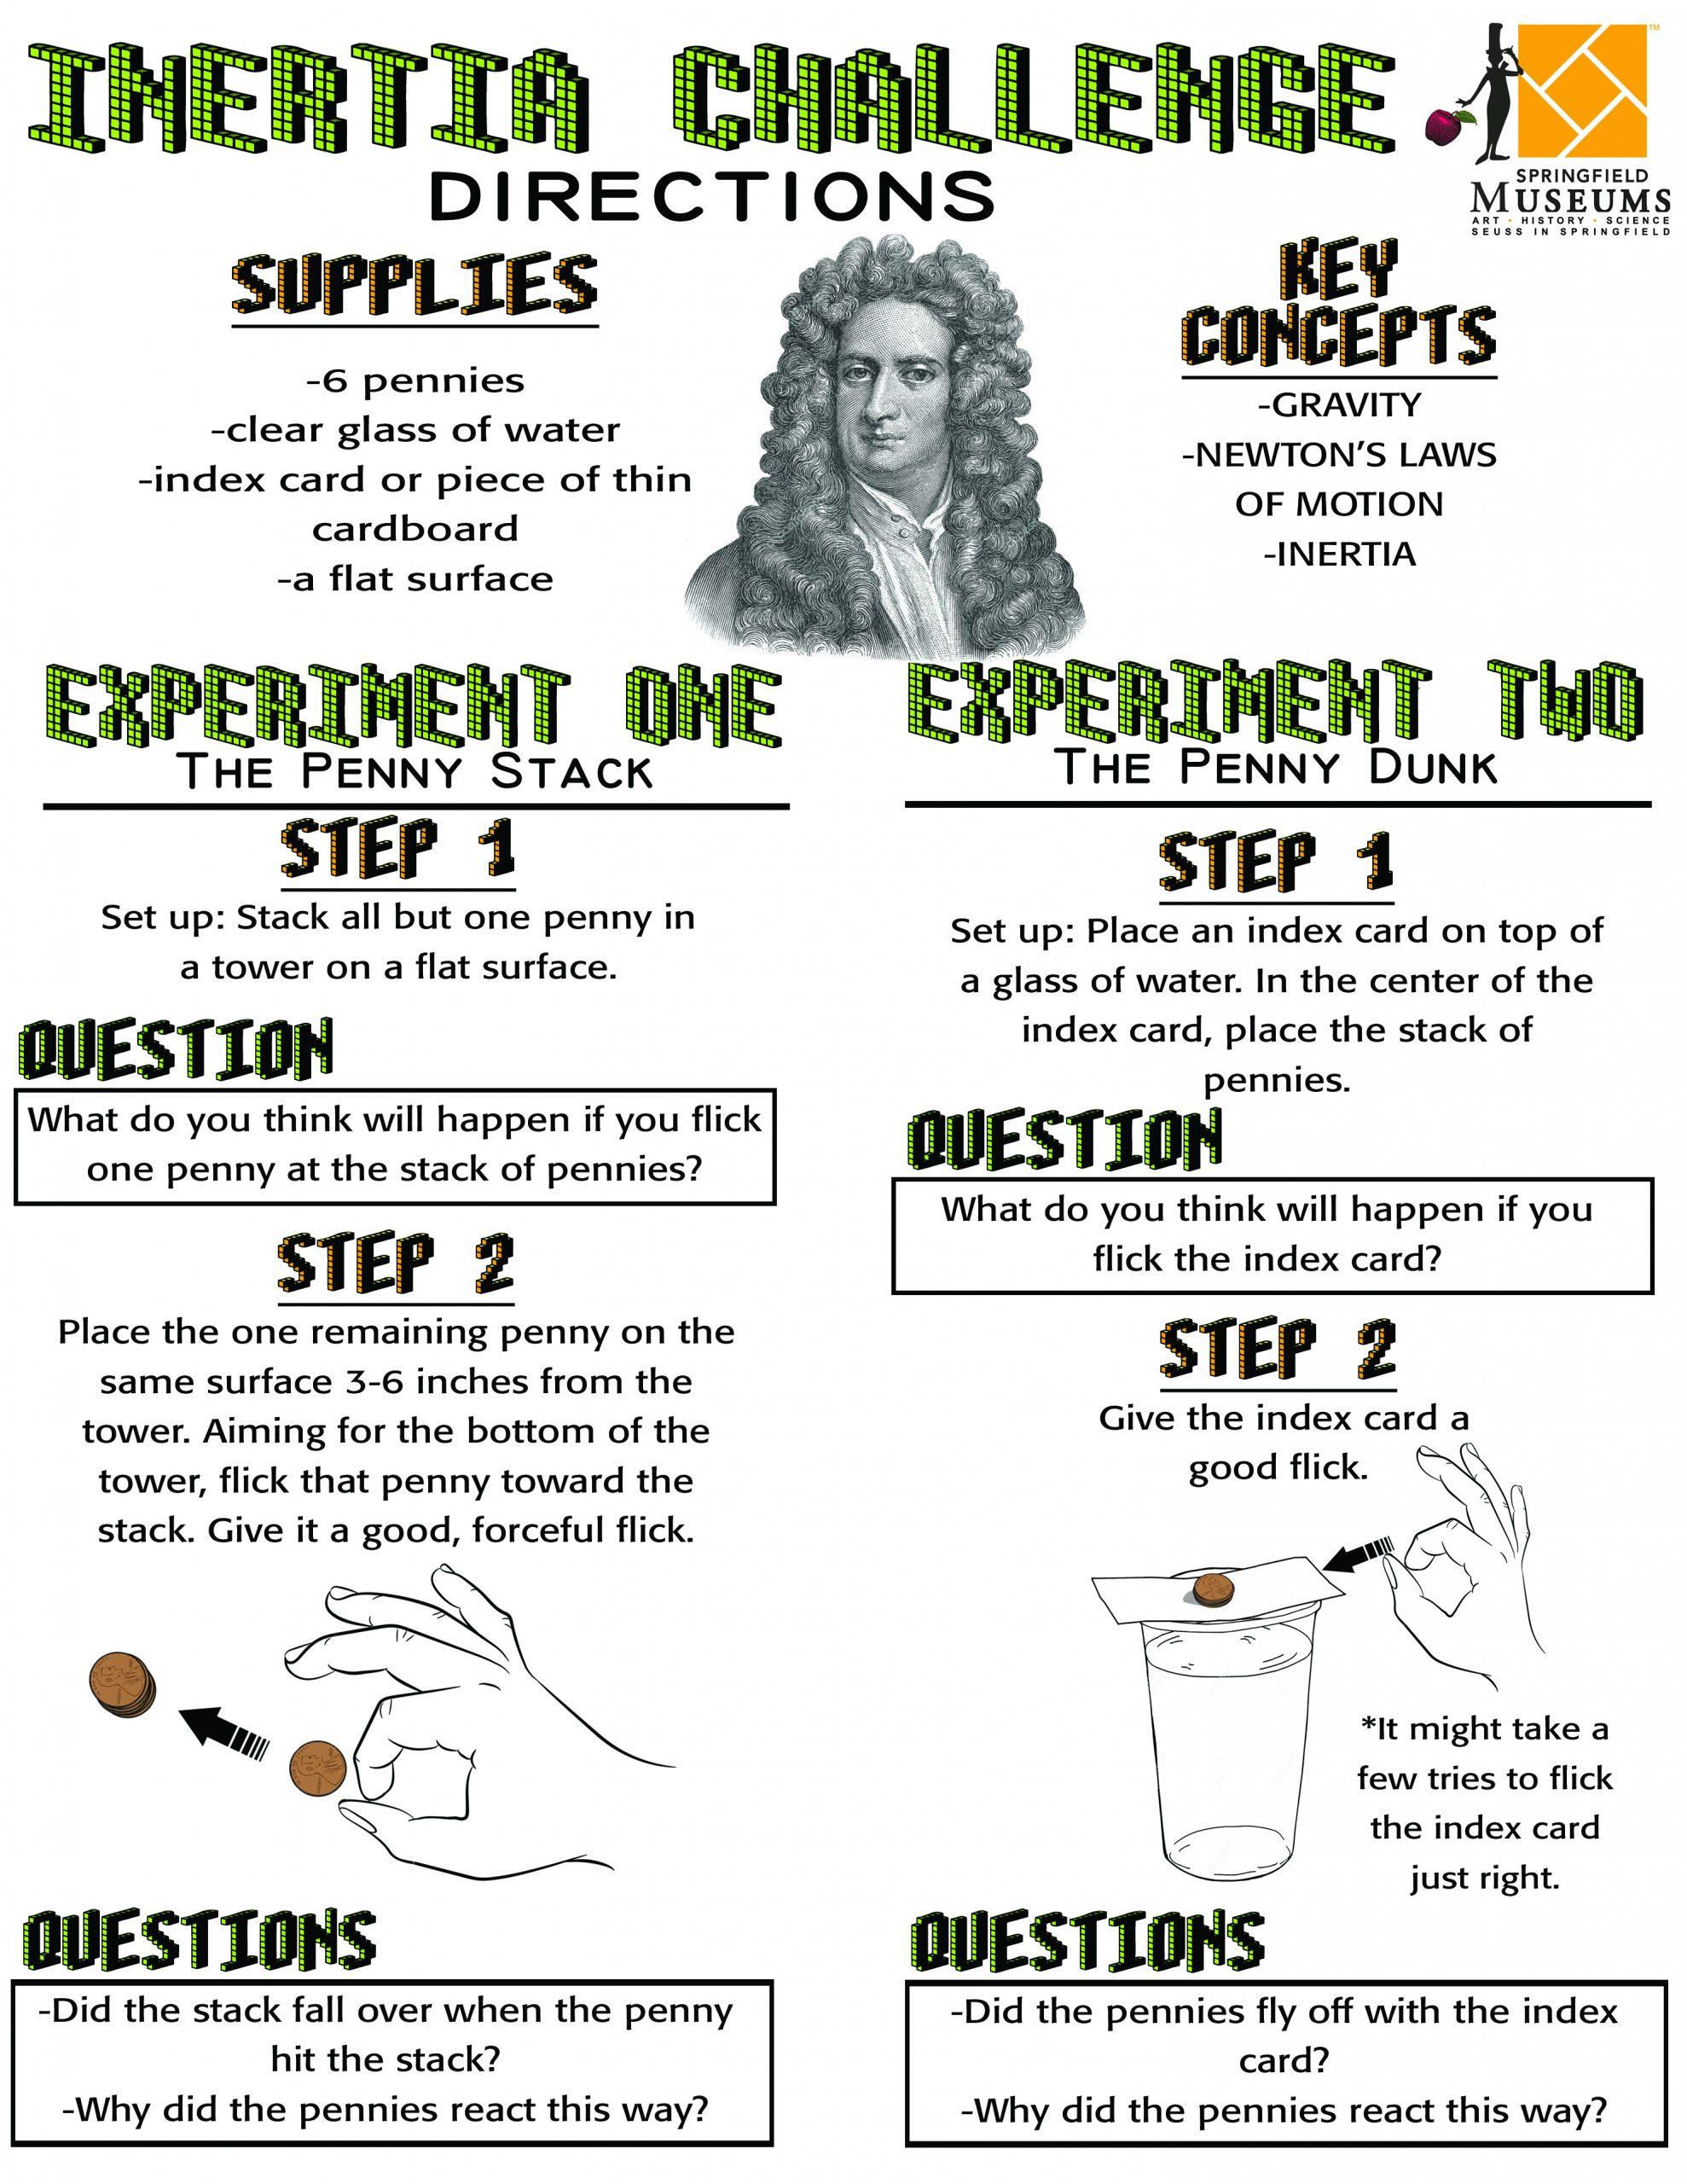 Inertia Challenge